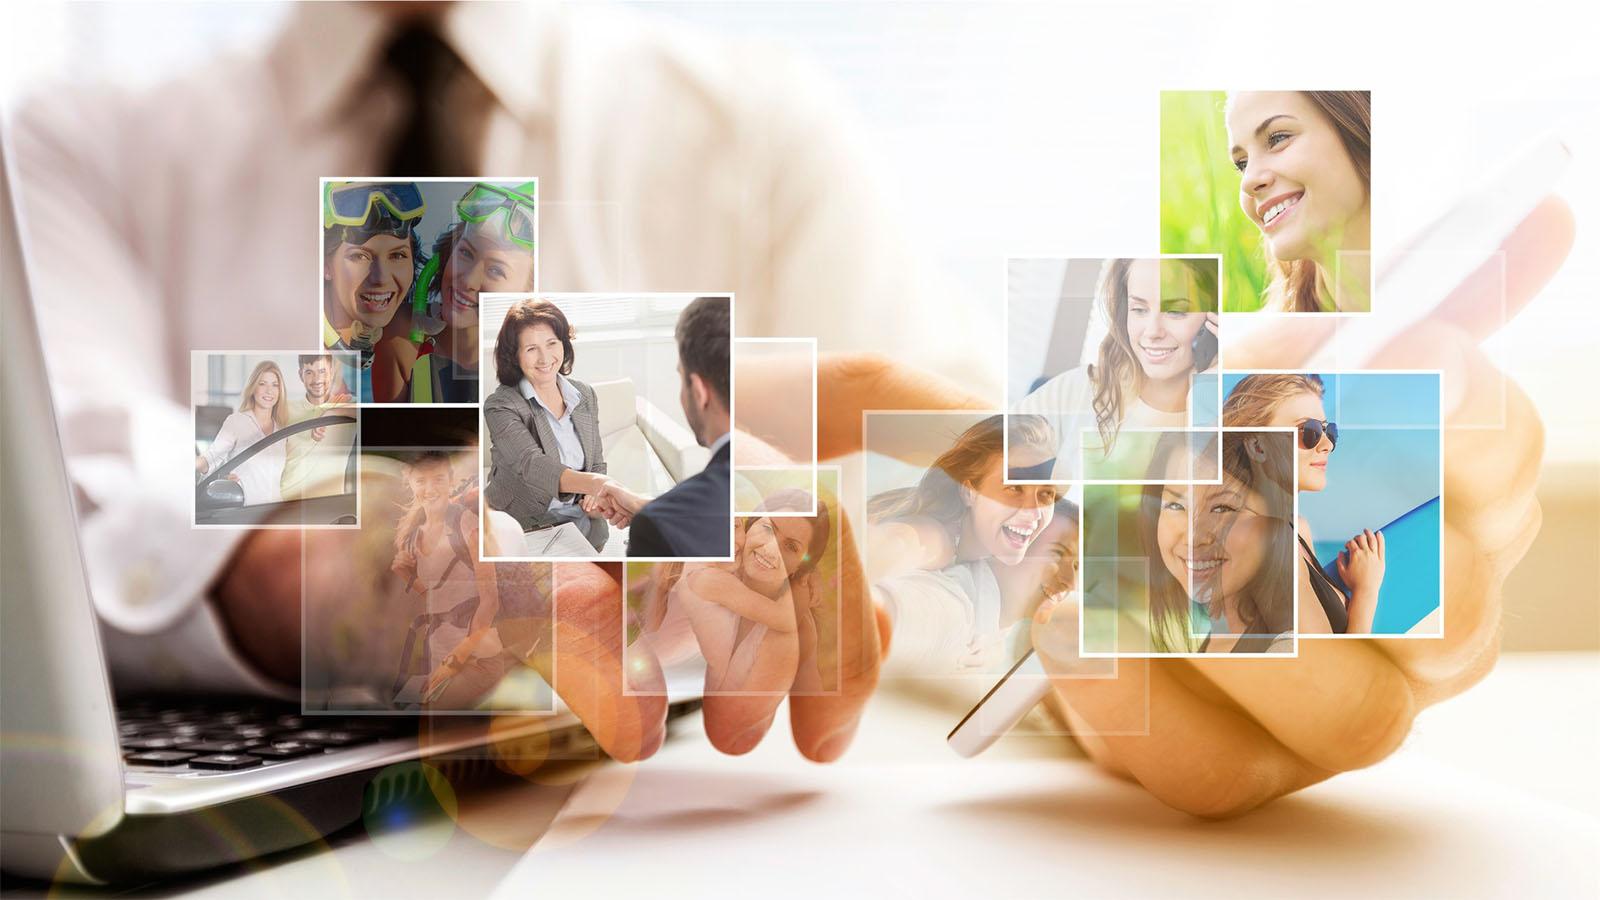 Workshop +Indústria 2020 - Estratégias de Inbound Marketing para um Modelo de Negócio Sustentável